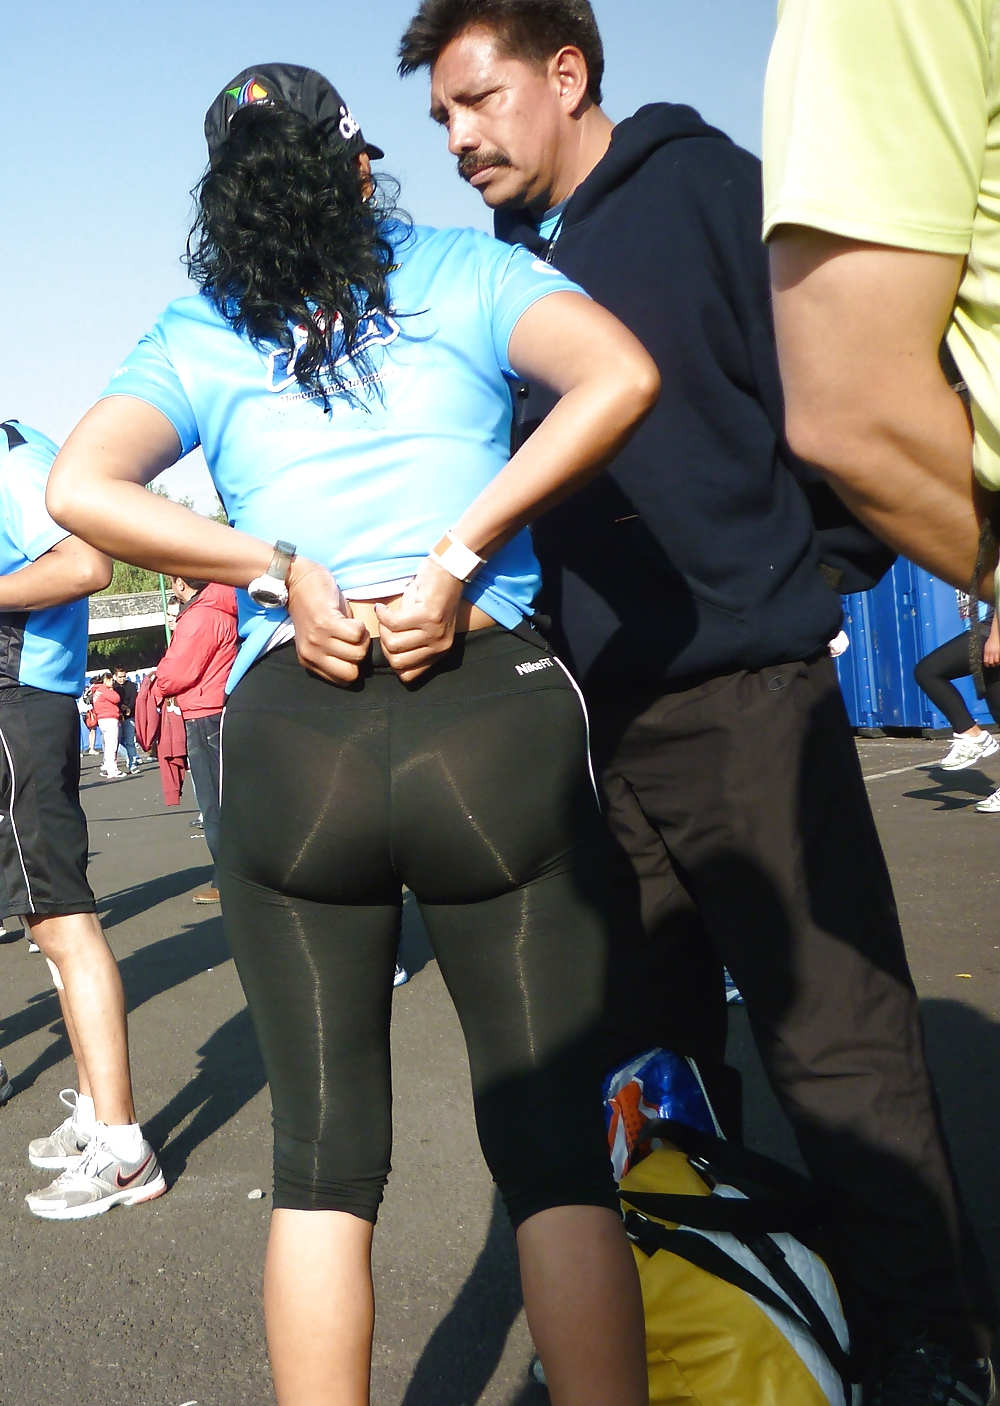 Culona de leggins negros en fila pagando claro - 2 part 7